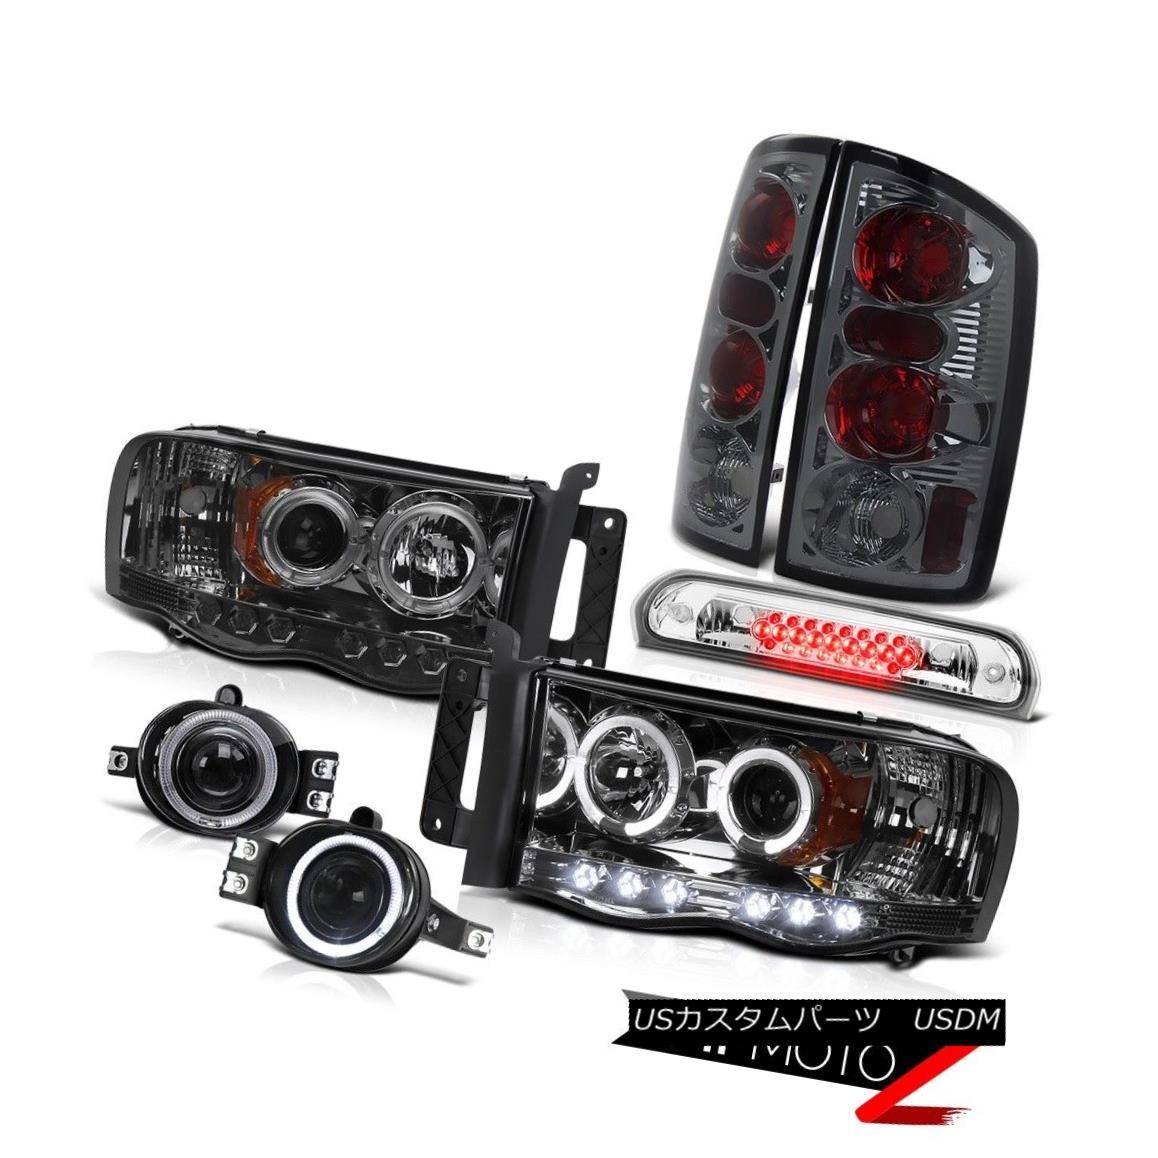 テールライト 2002-2005 Ram 3500 Smoke Halo Headlights Rear Tail Lights Projector Fog High LED 2002-2005 Ram 3500 Smoke HaloヘッドライトリアテールライトプロジェクターフォグHigh LED